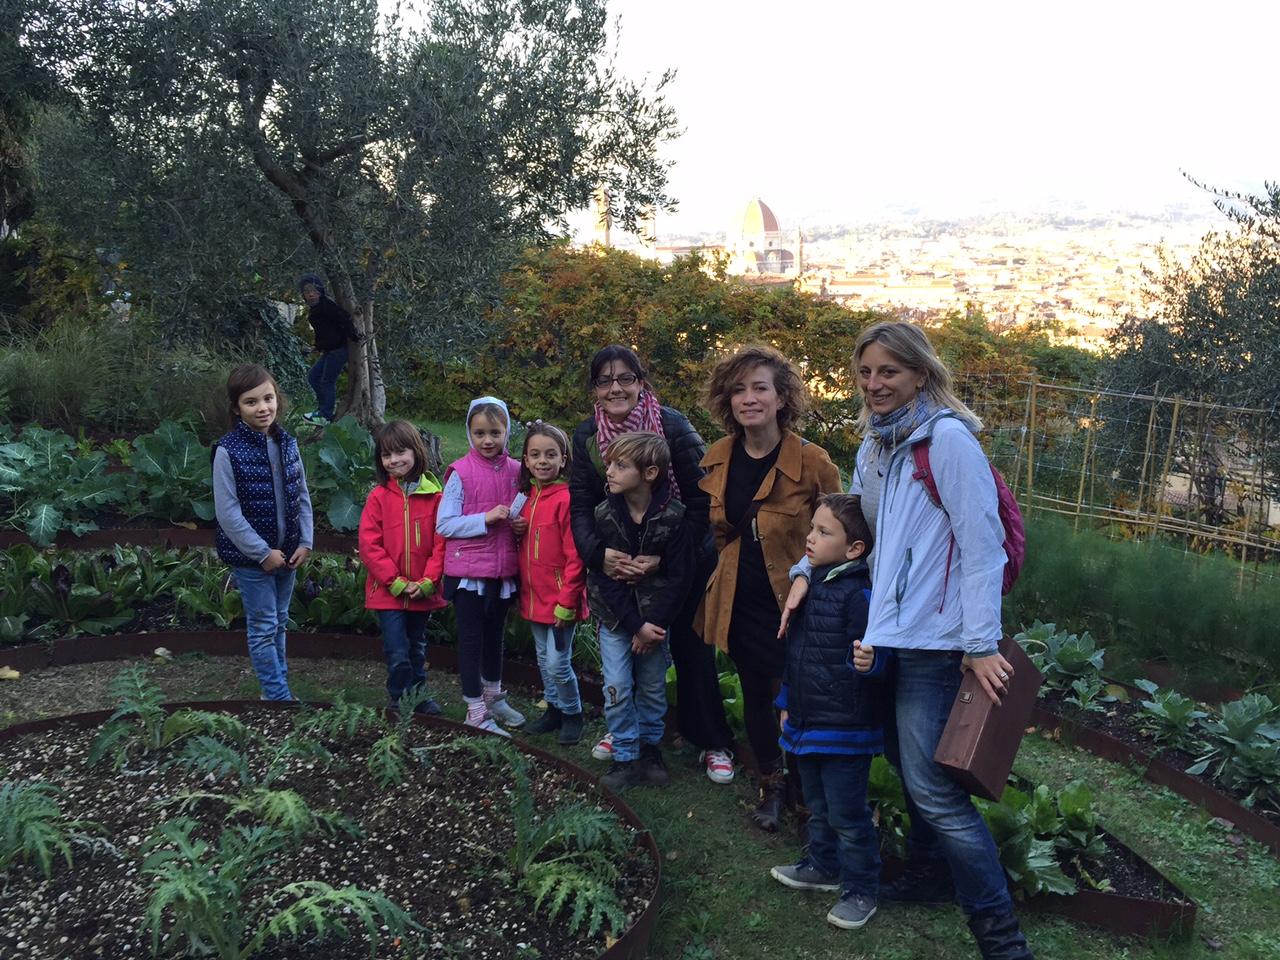 Tour di Firenze e dintorni in famiglia con Beemyguide